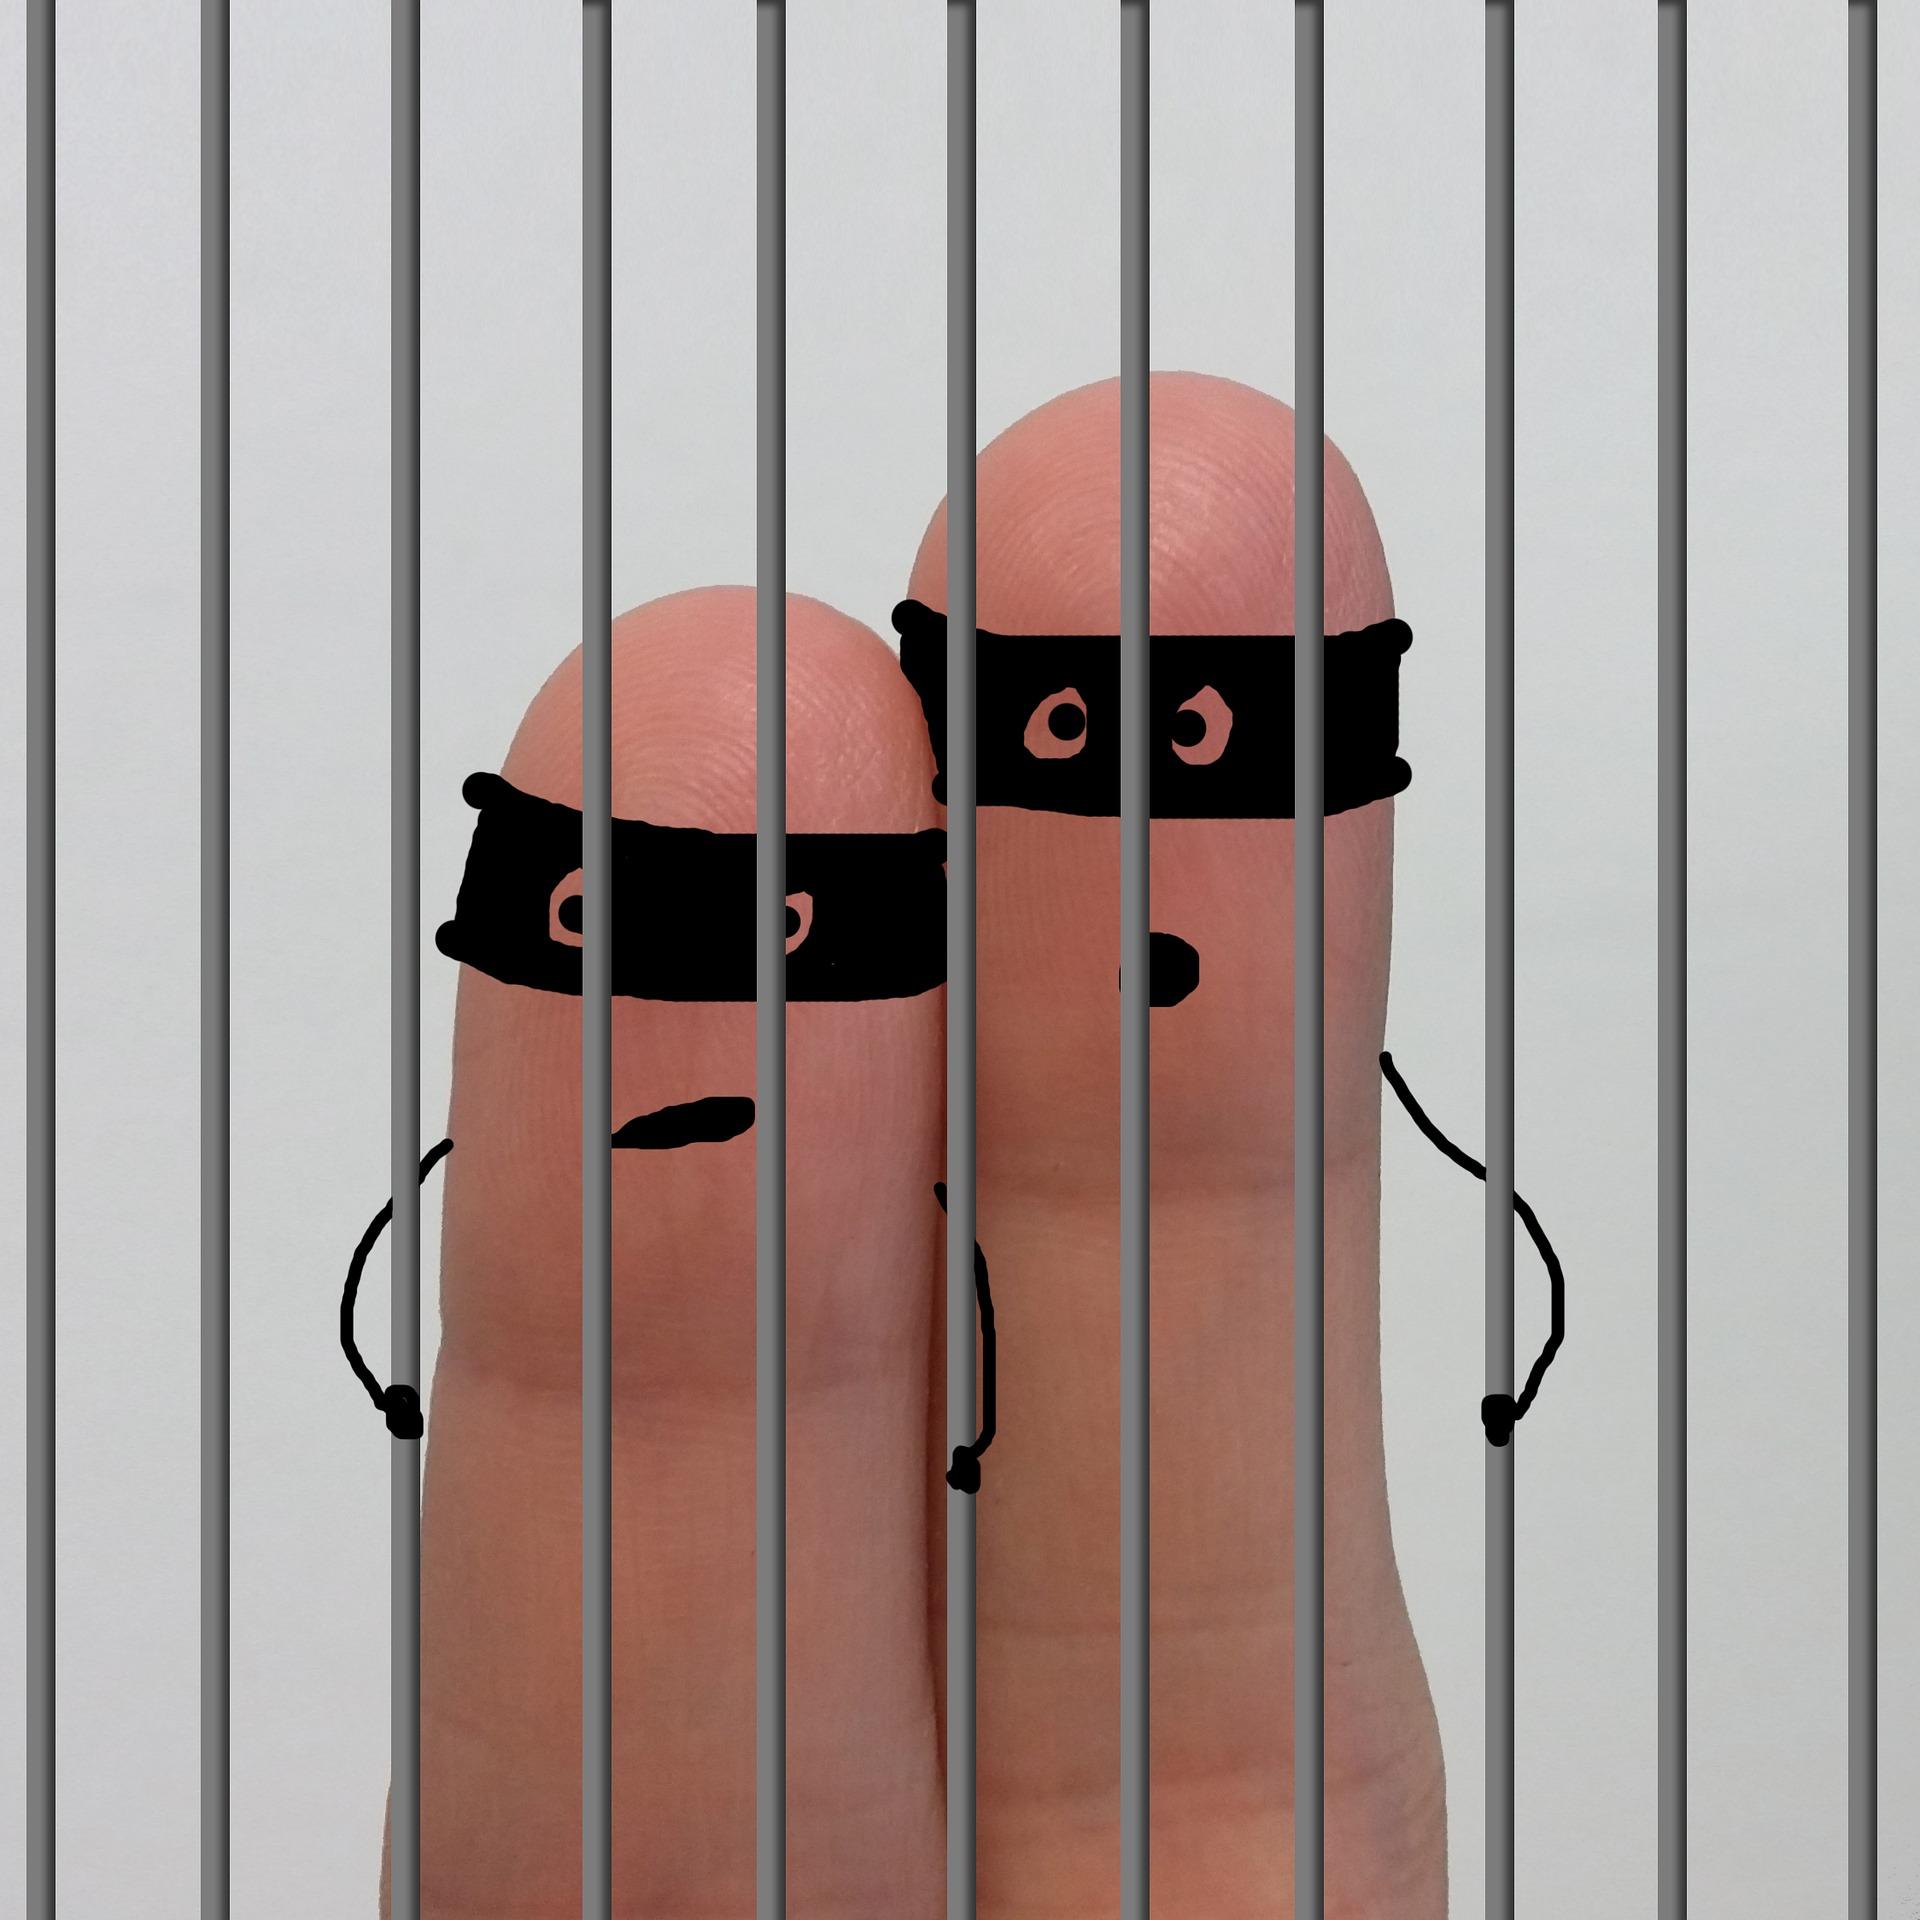 Incetarea de drept a masurii arestarii preventive în lipsa